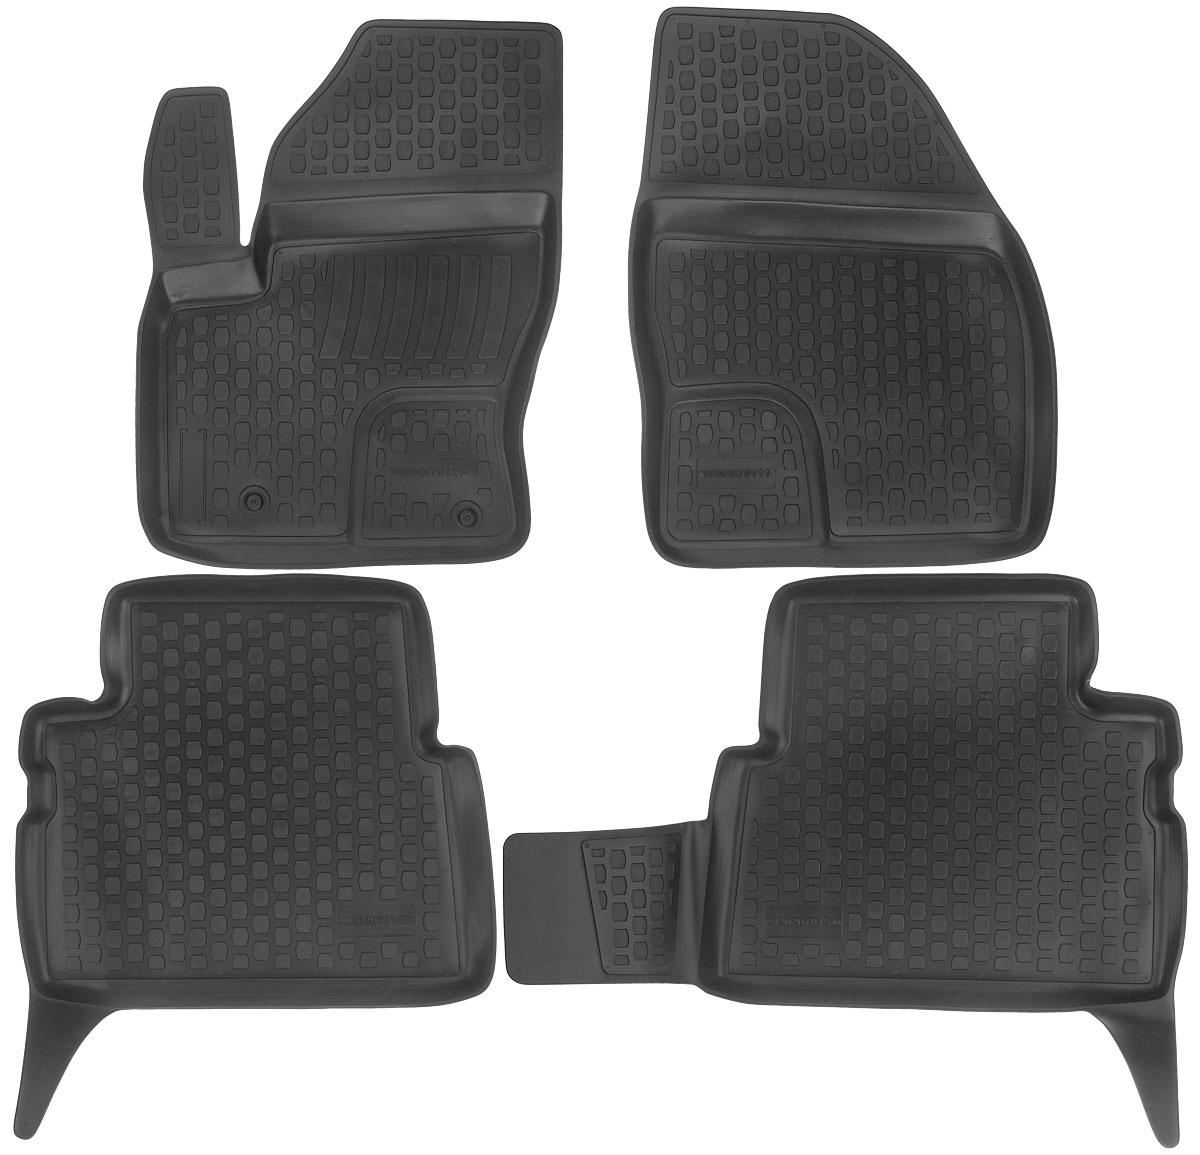 Набор автомобильных ковриков L.Locker Ford C-Max 2002, в салон, 4 шт0202070101Набор L.Locker Ford C-Max 2002, изготовленный из полиуретана, состоит из 4 антискользящих 3D ковриков, которые производятся индивидуально для каждой модели автомобиля. Изделие точно повторяет геометрию пола автомобиля, имеет высокий борт, обладает повышенной износоустойчивостью, лишено резкого запаха и сохраняет свои потребительские свойства в широком диапазоне температур от -50°С до +50°С. Комплектация: 4 шт.Размер ковриков: 69 см х 51 см; 59 см х 54 см; 87 см х 54 см; 70 см х 53 см.